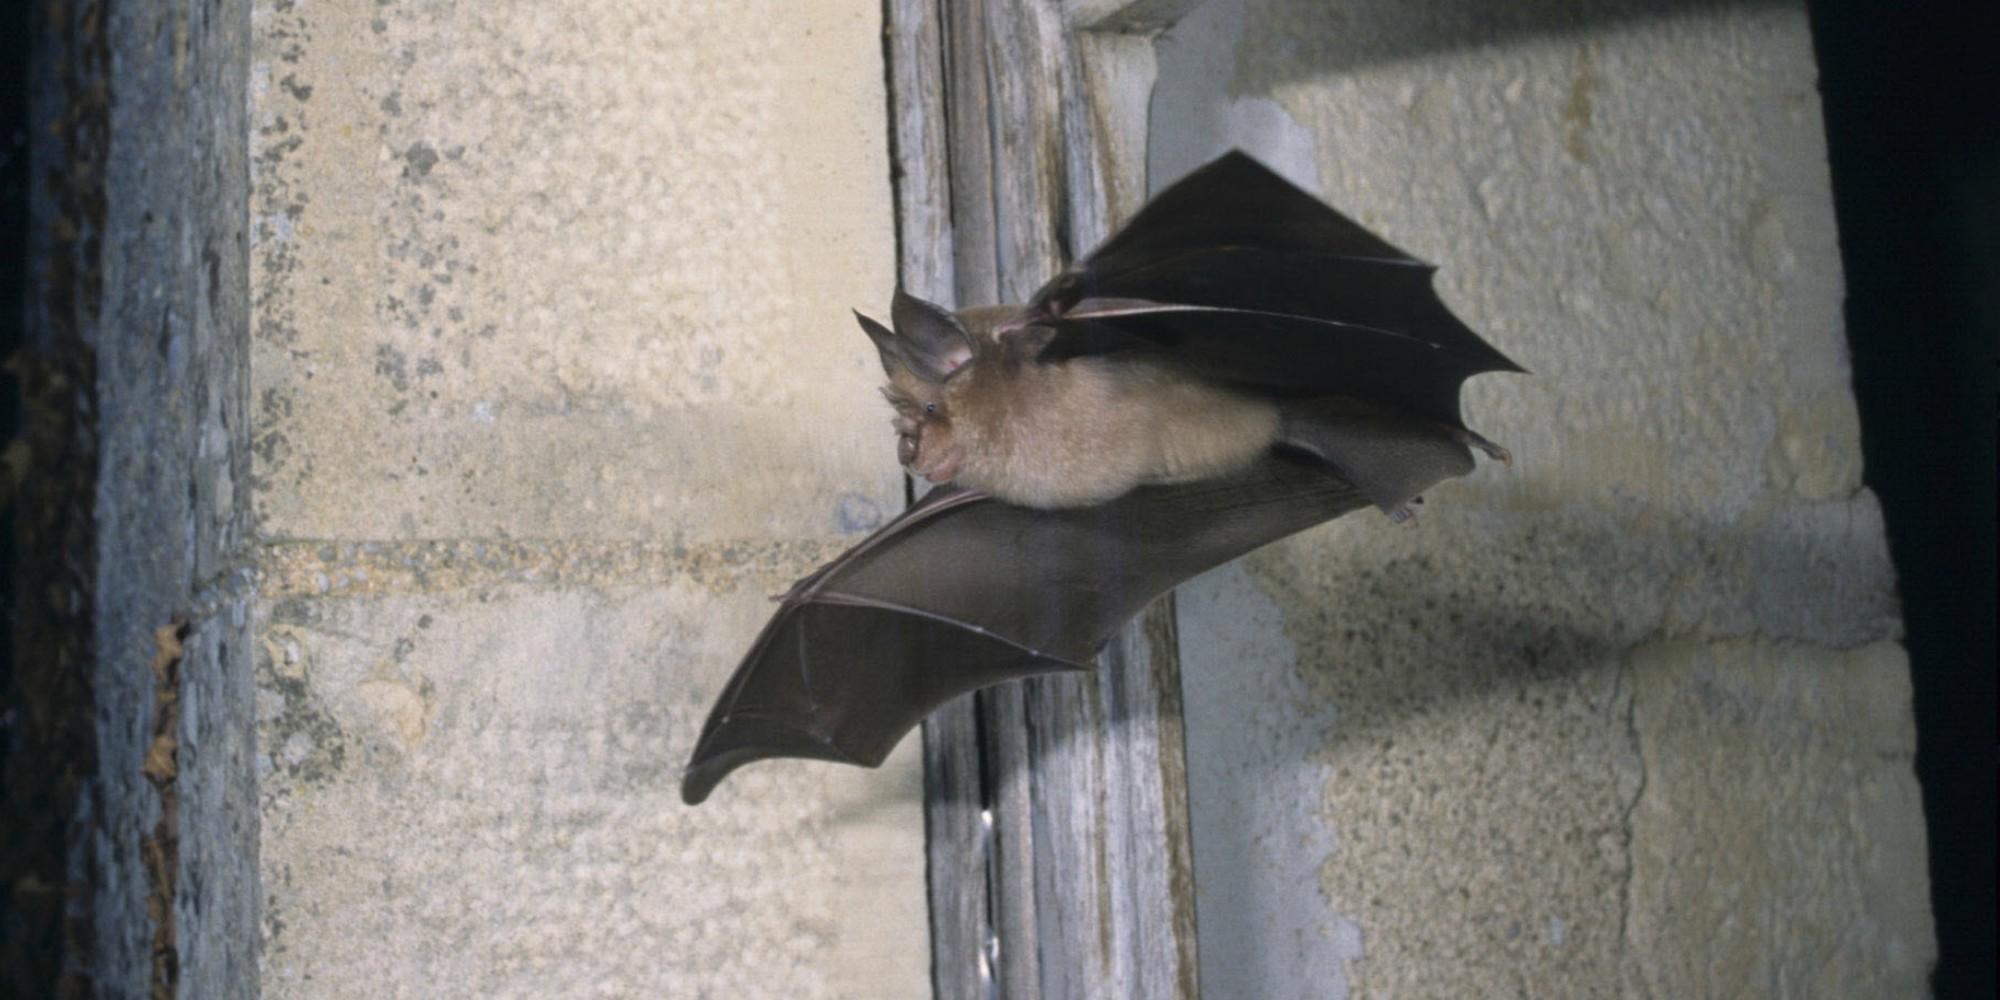 Une chauve-souris suspectée d'héberger le Covid-19 : voici pourquoi il faut surveiller ces animaux nocturnes